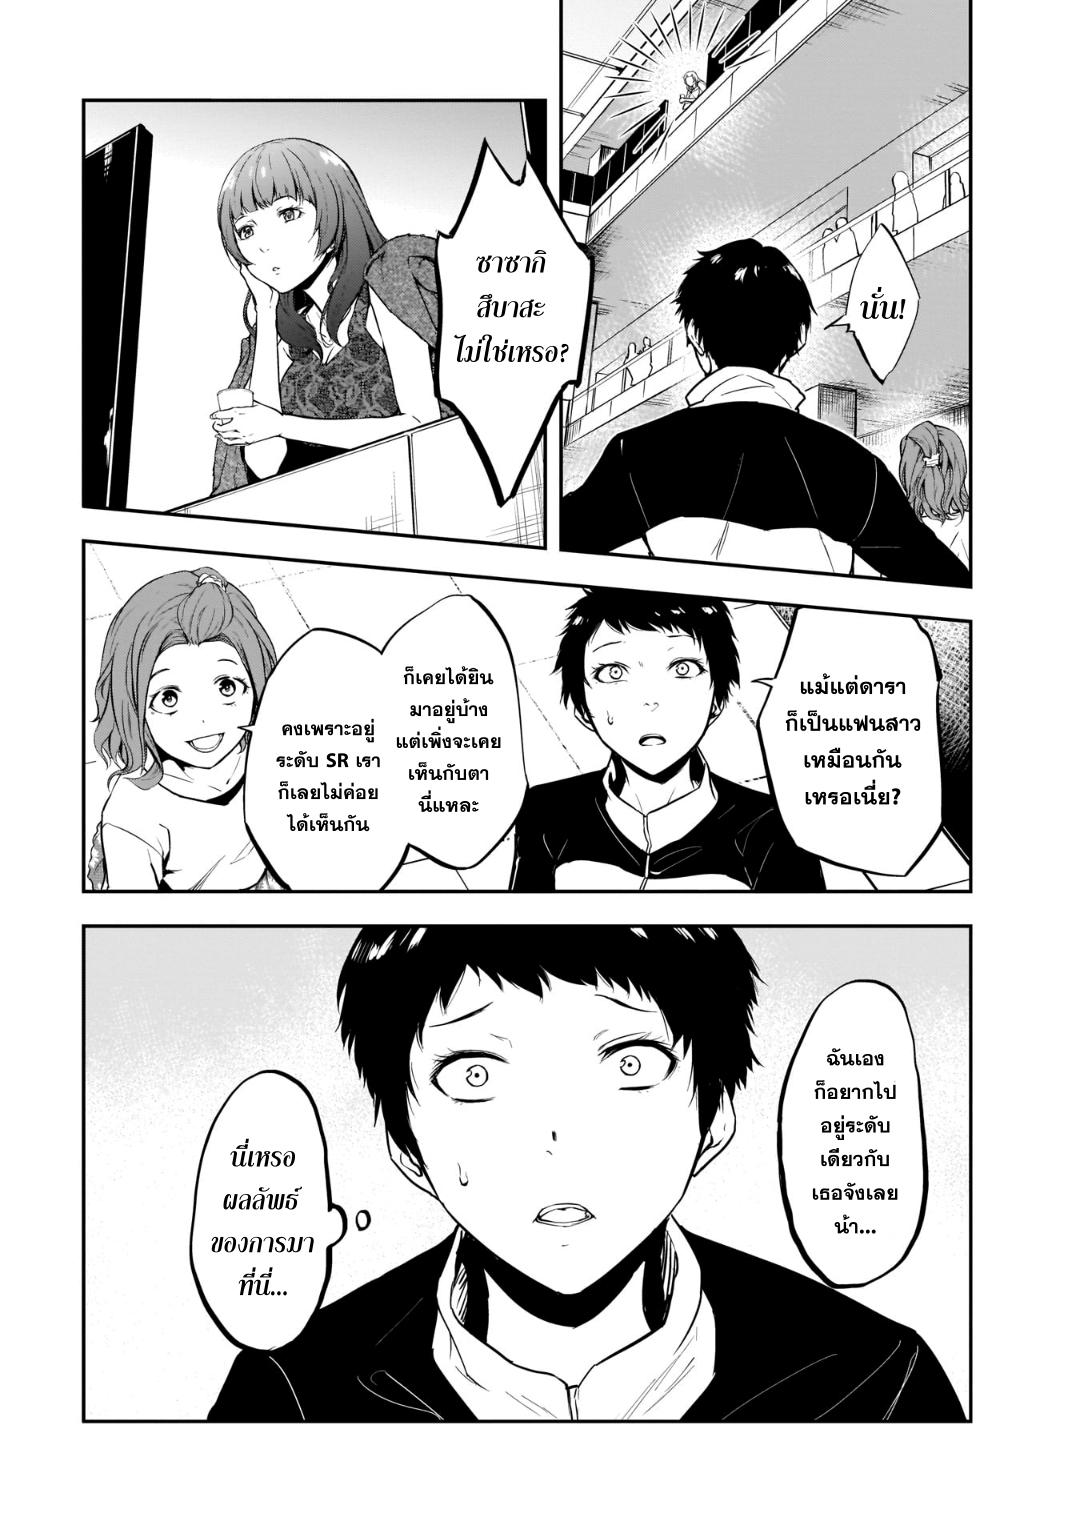 อ่านการ์ตูน Kanojo Gacha ตอนที่ 13 หน้าที่ 14